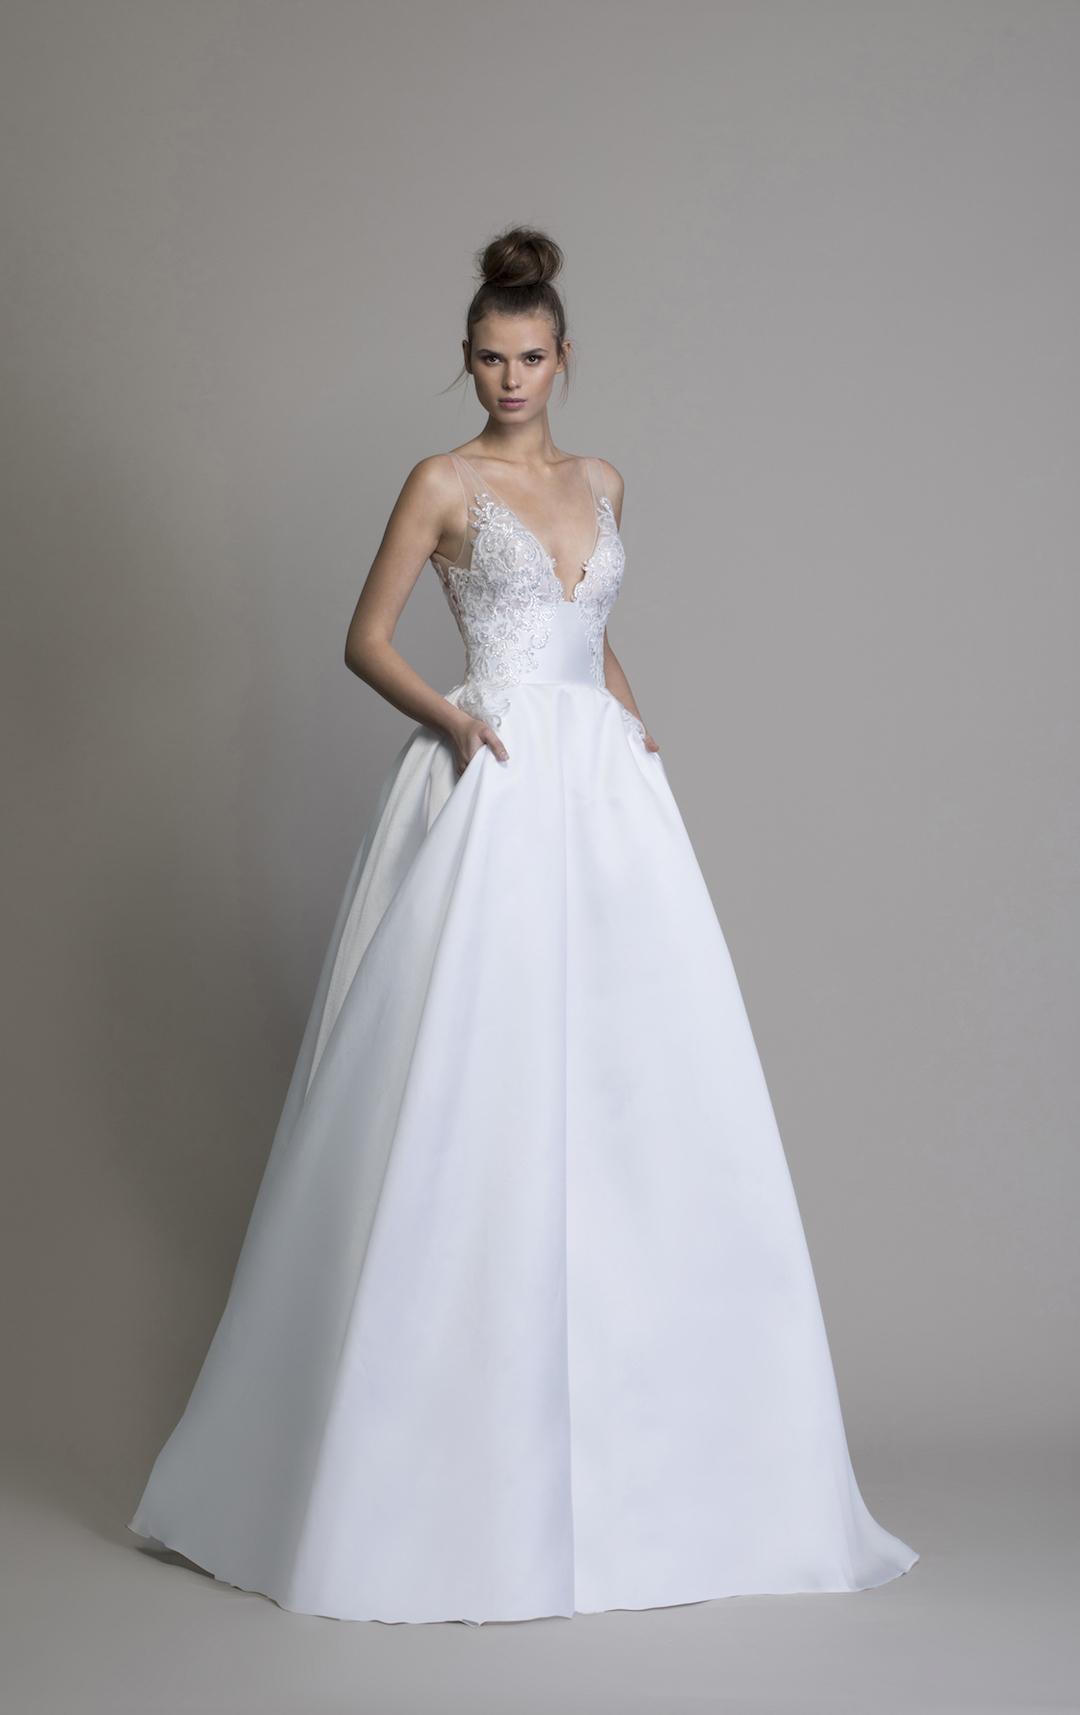 silk v neck wedding dress off 18   medpharmres.com